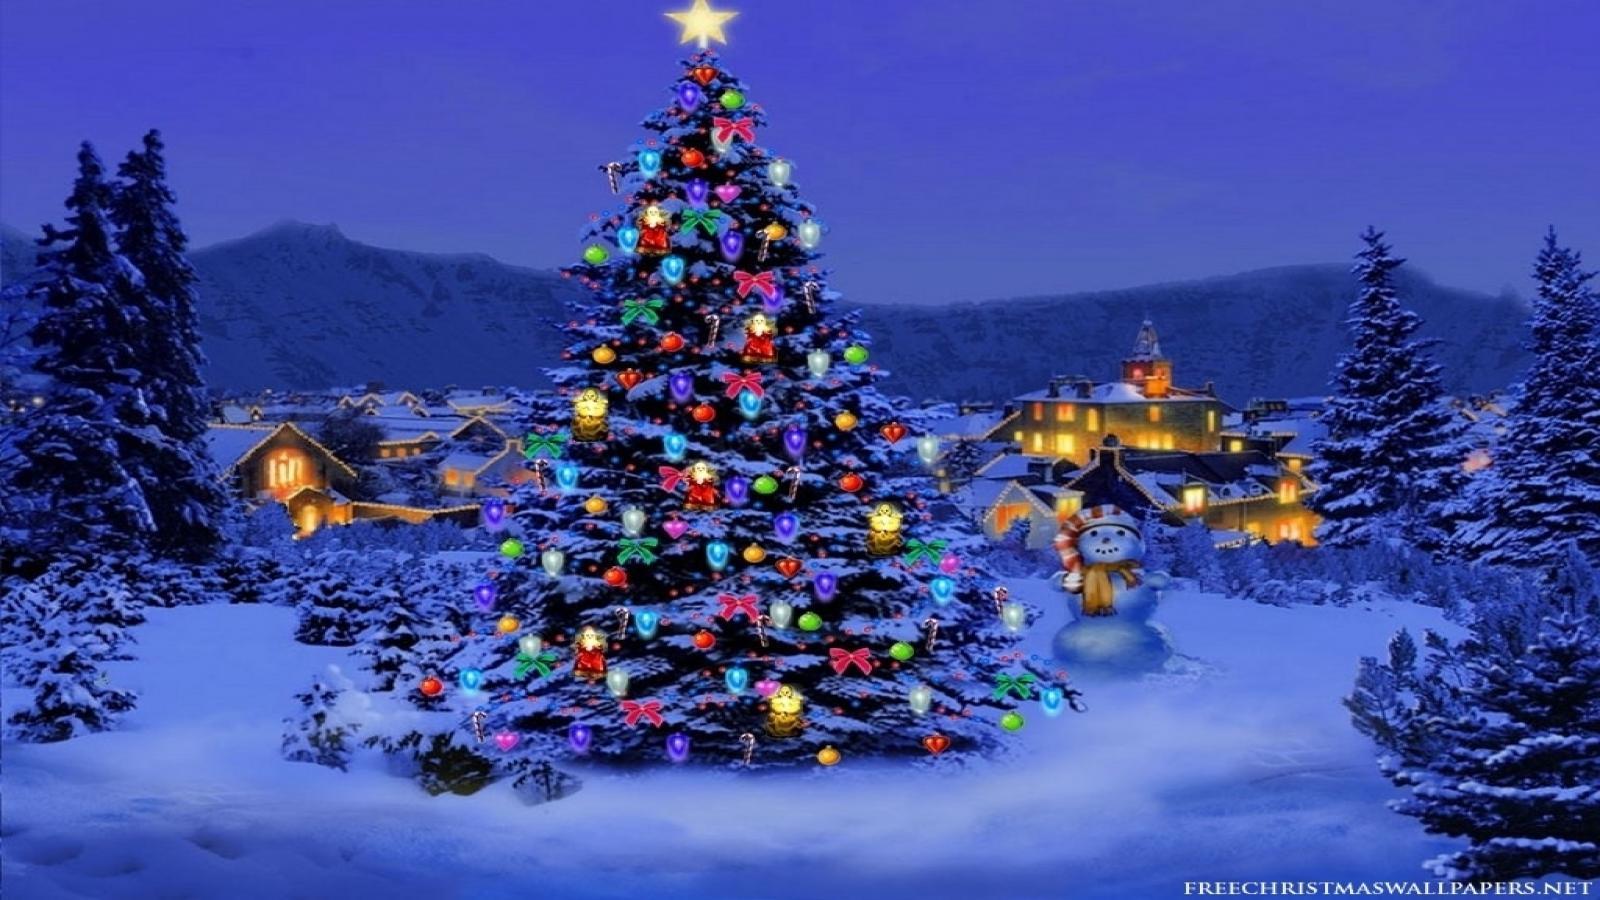 Christmas Tree HD Wallpapers 1600x900 Christmas Wallpapers 1600x900 1600x900